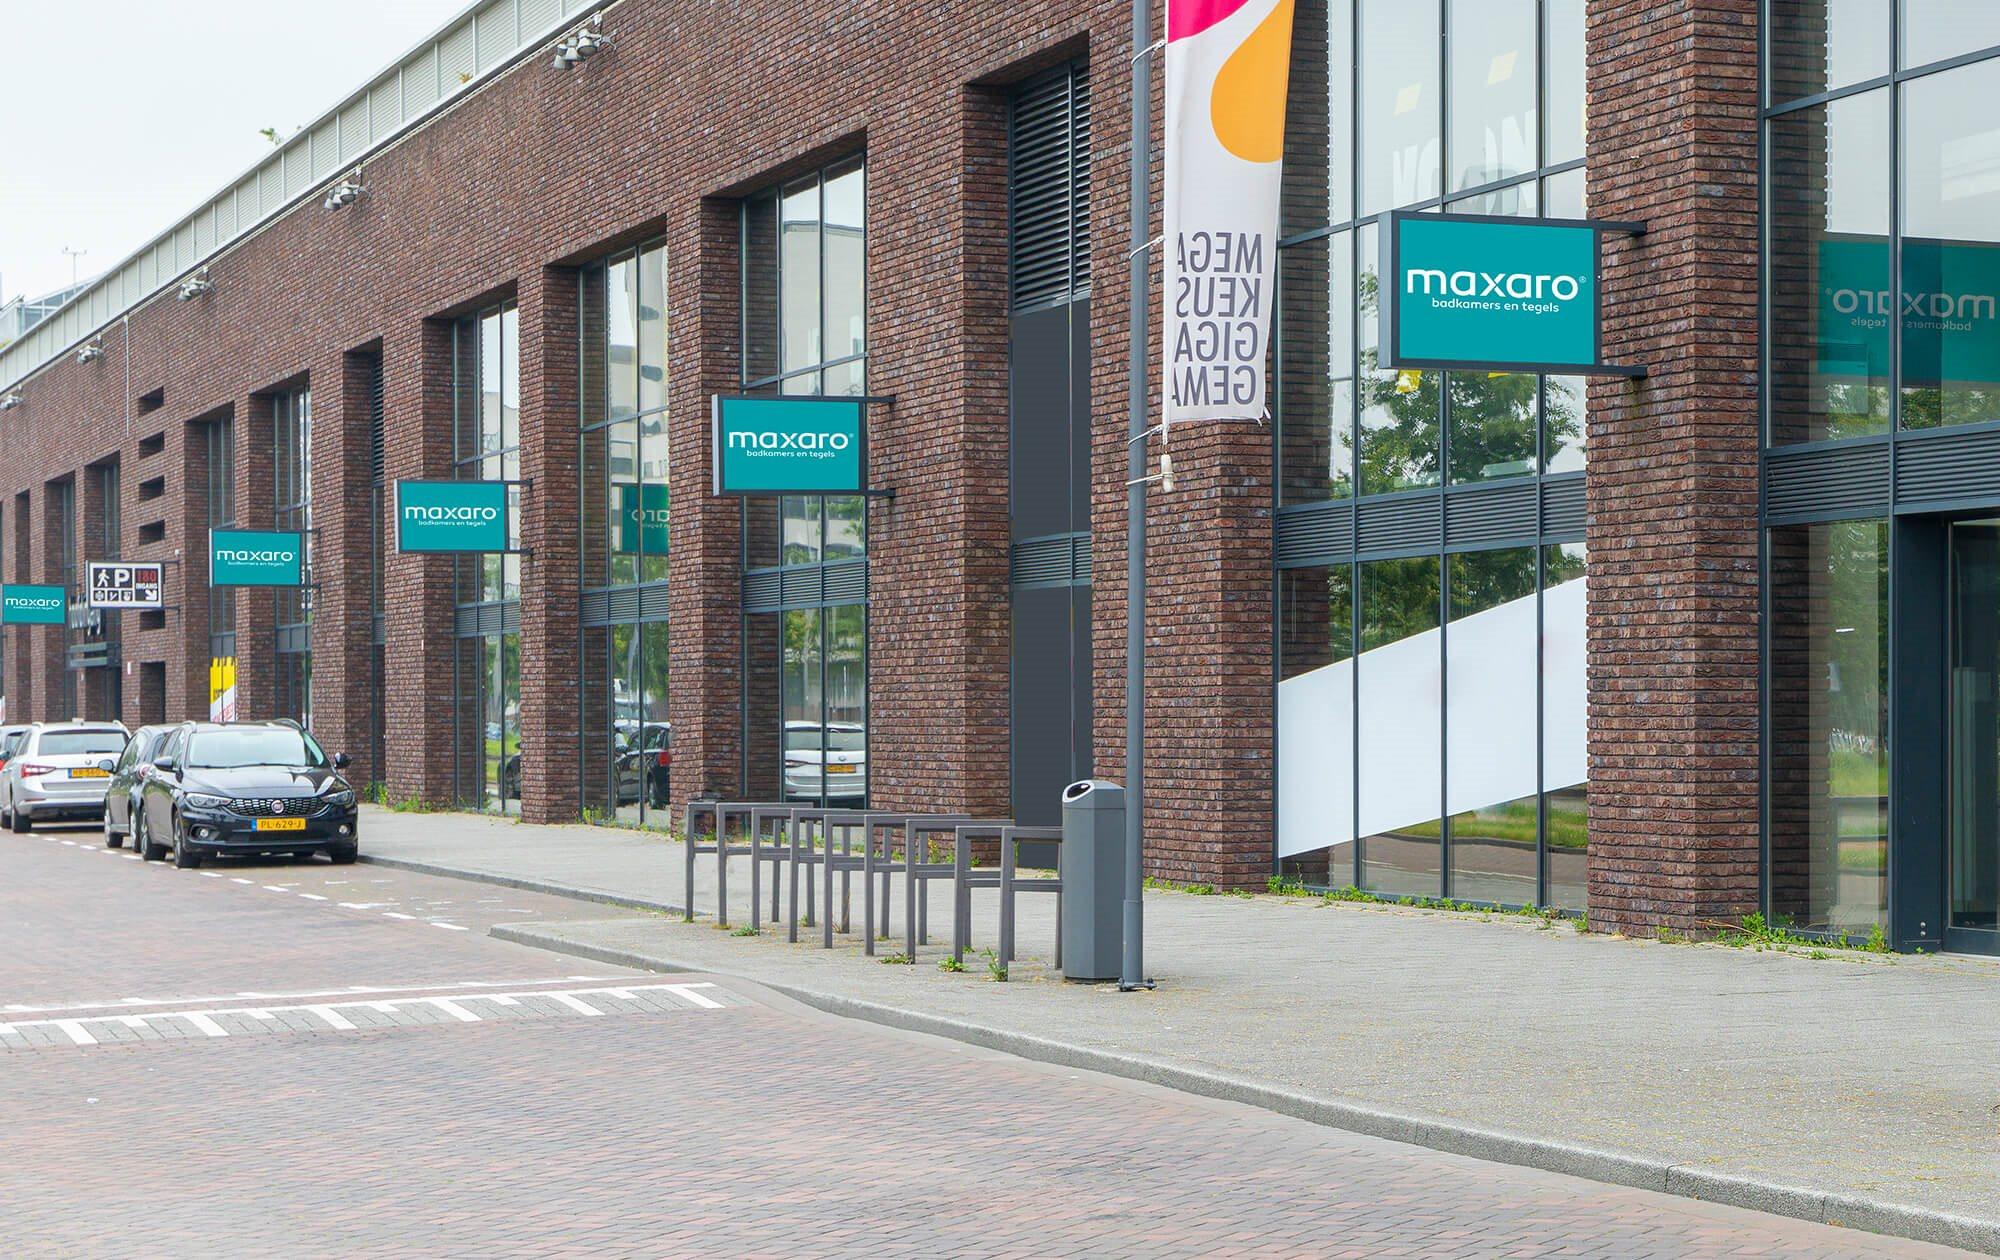 maxaro-opent-derde-showroom-big-shops-rotterdam.jpg